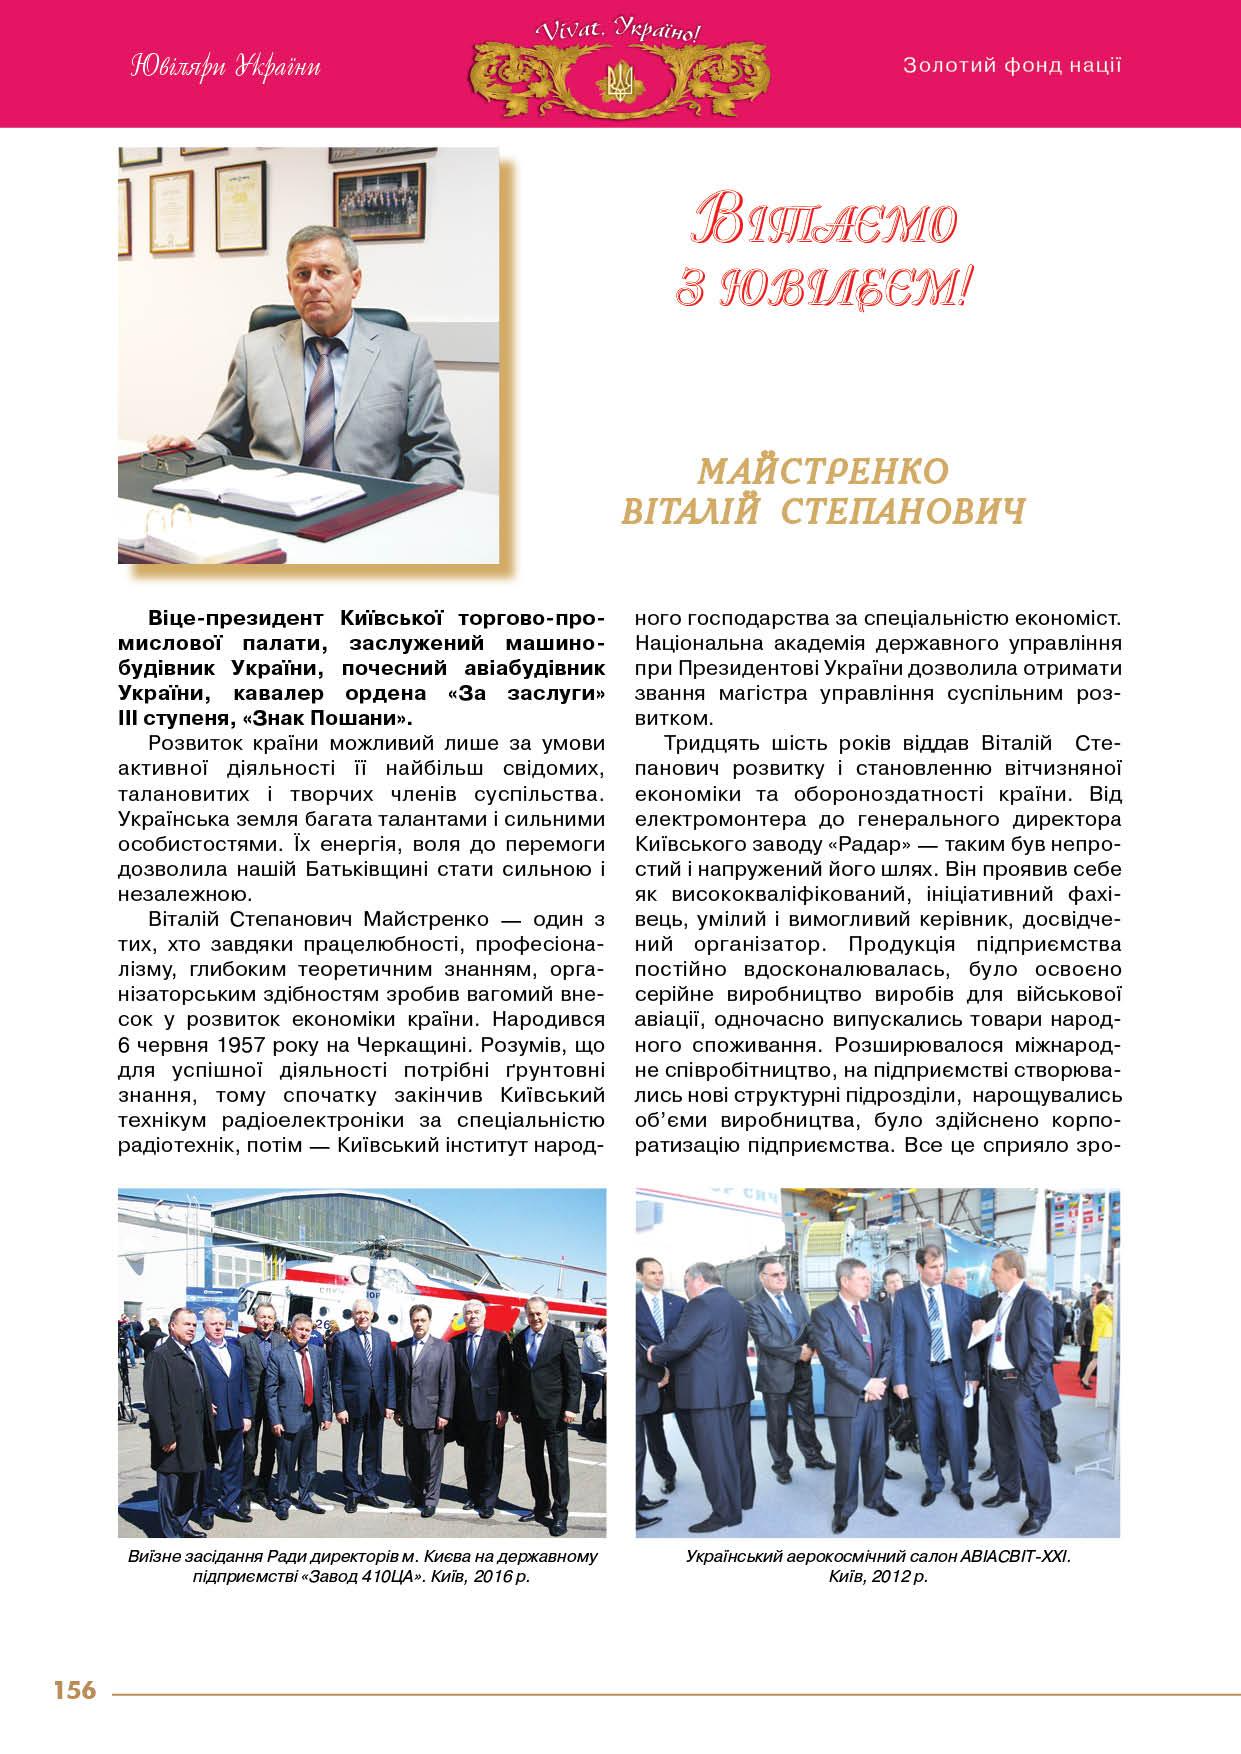 Майстренко Віталій Степанович